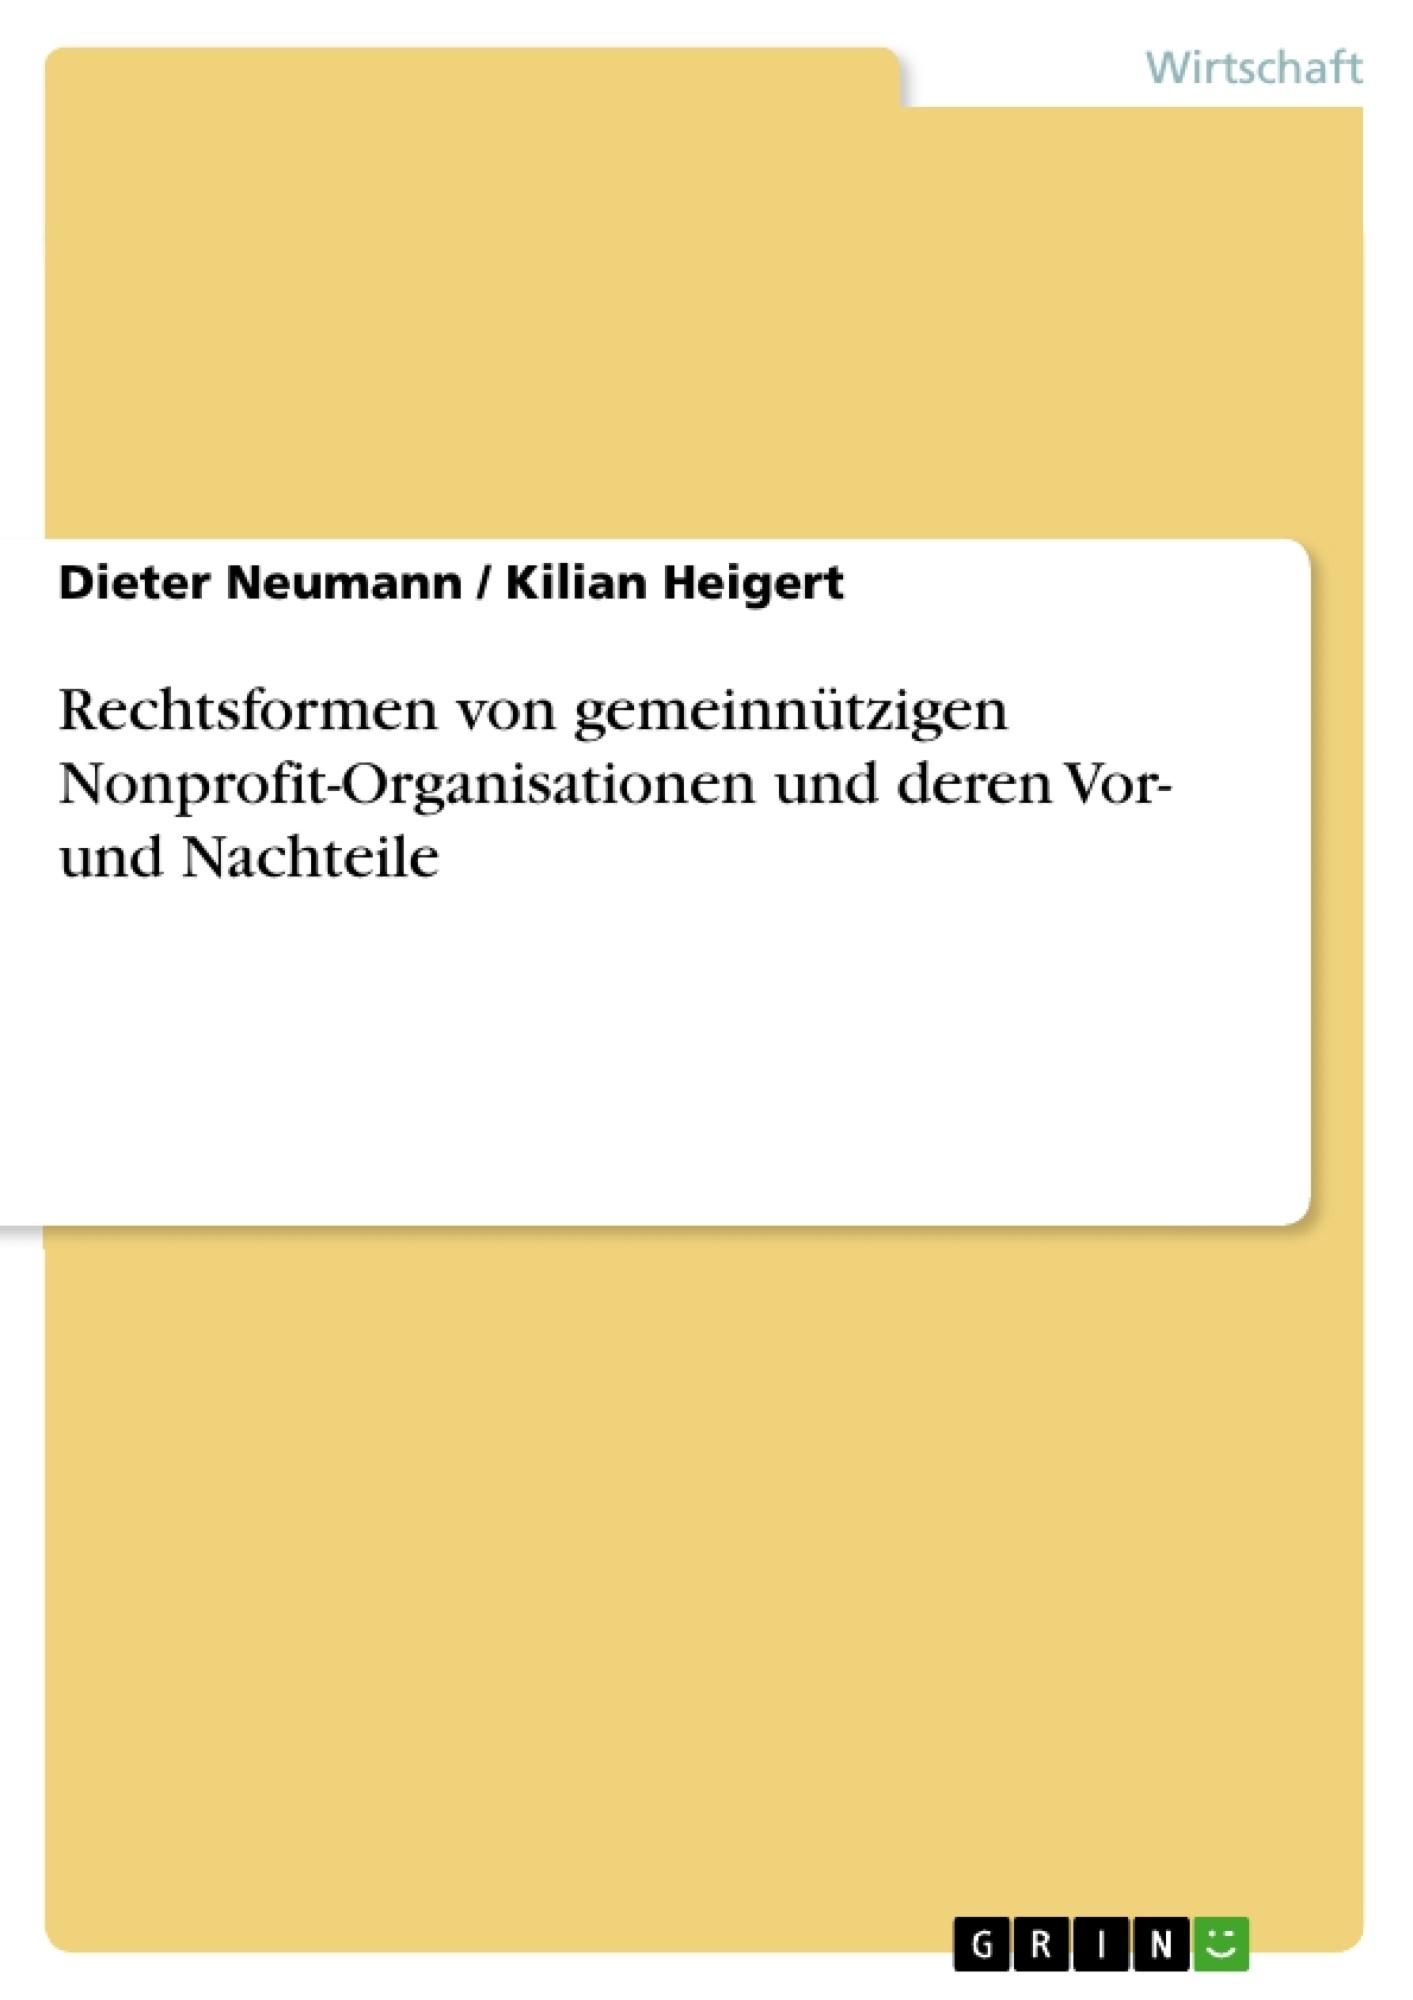 Titel: Rechtsformen von gemeinnützigen Nonprofit-Organisationen und deren Vor- und Nachteile